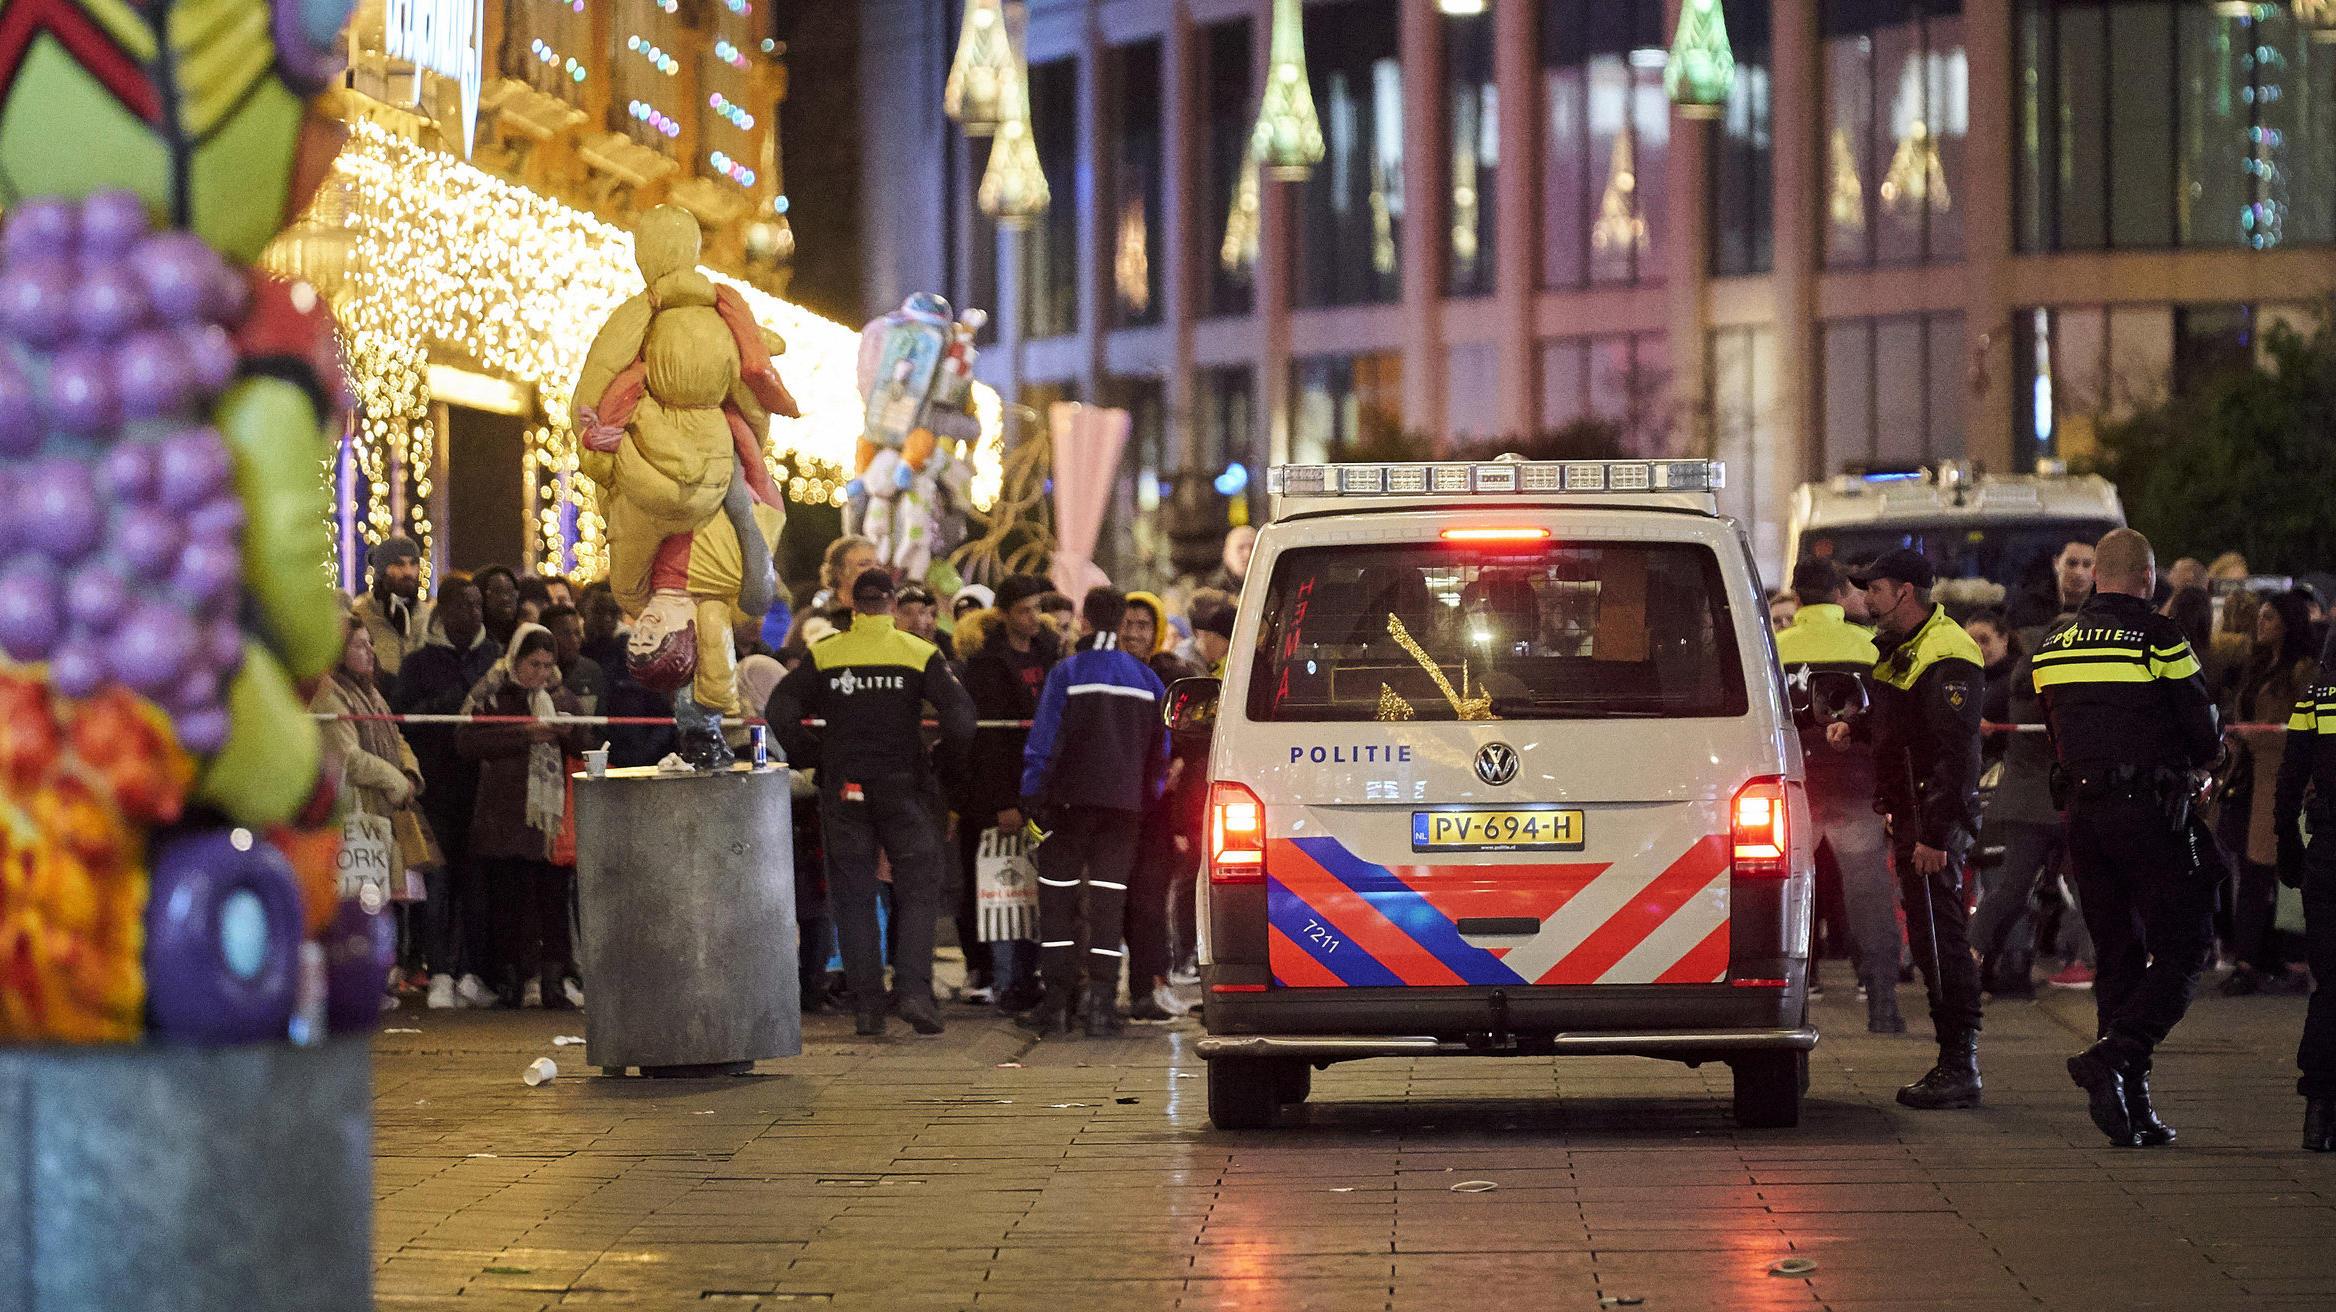 Den Haag: Mann sticht Kinder in Einkaufsstraße nieder - Verletzte aus Krankenhaus entlassen